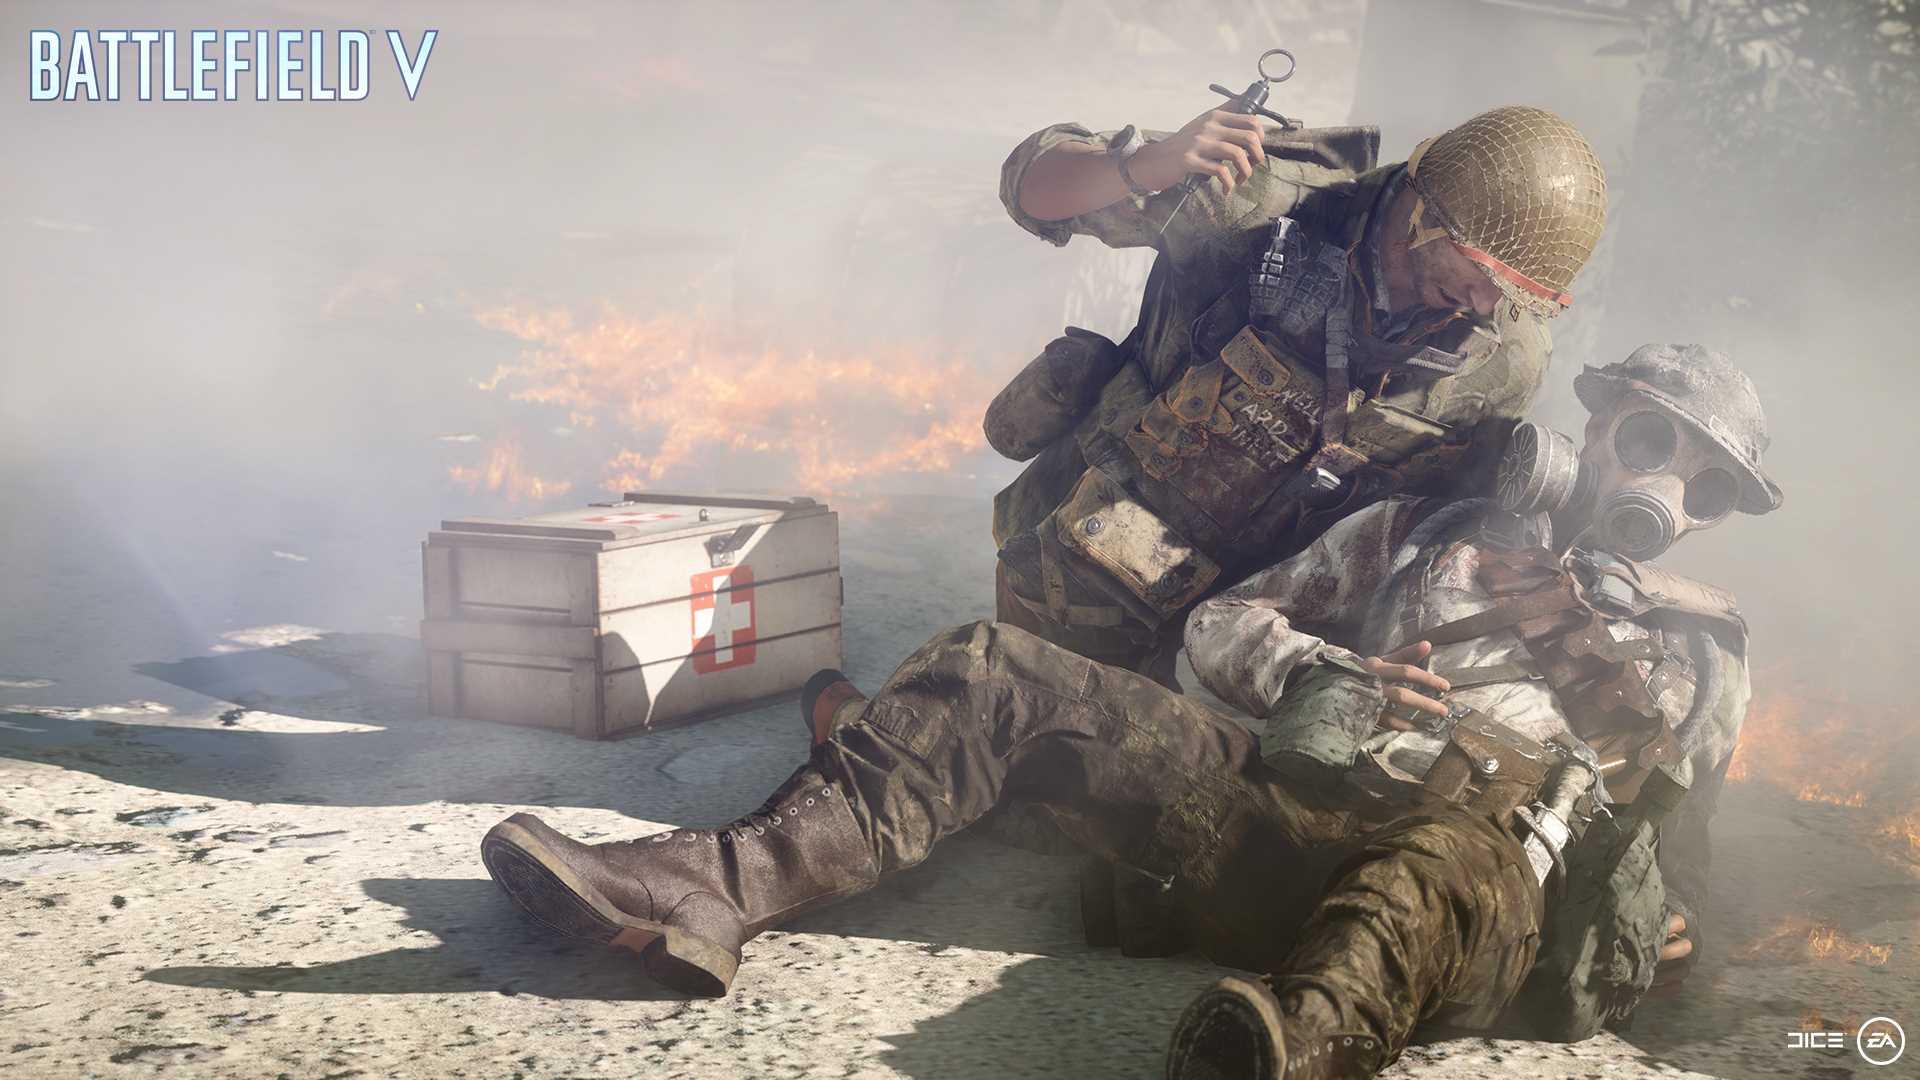 На иллюстрации изображена сцена из игры Battlefield V: медик со шприцом возрождает бойца на поле боя на фоне ящика с медикаментами